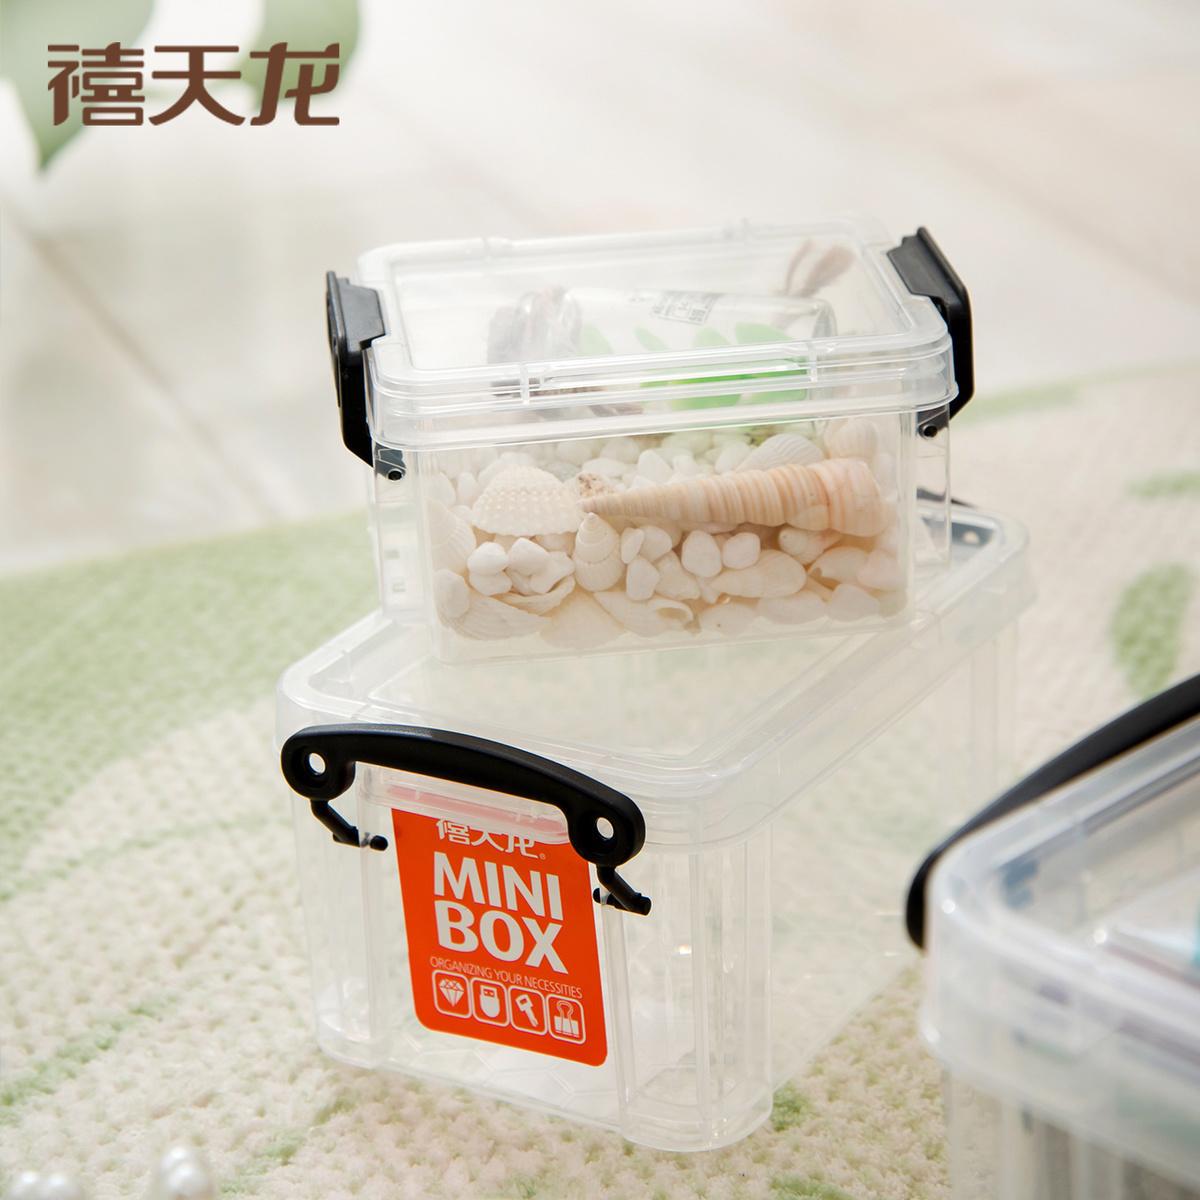 禧天龙迷你收纳整理箱加厚透明塑料储物箱小号玩具积木分类收纳盒